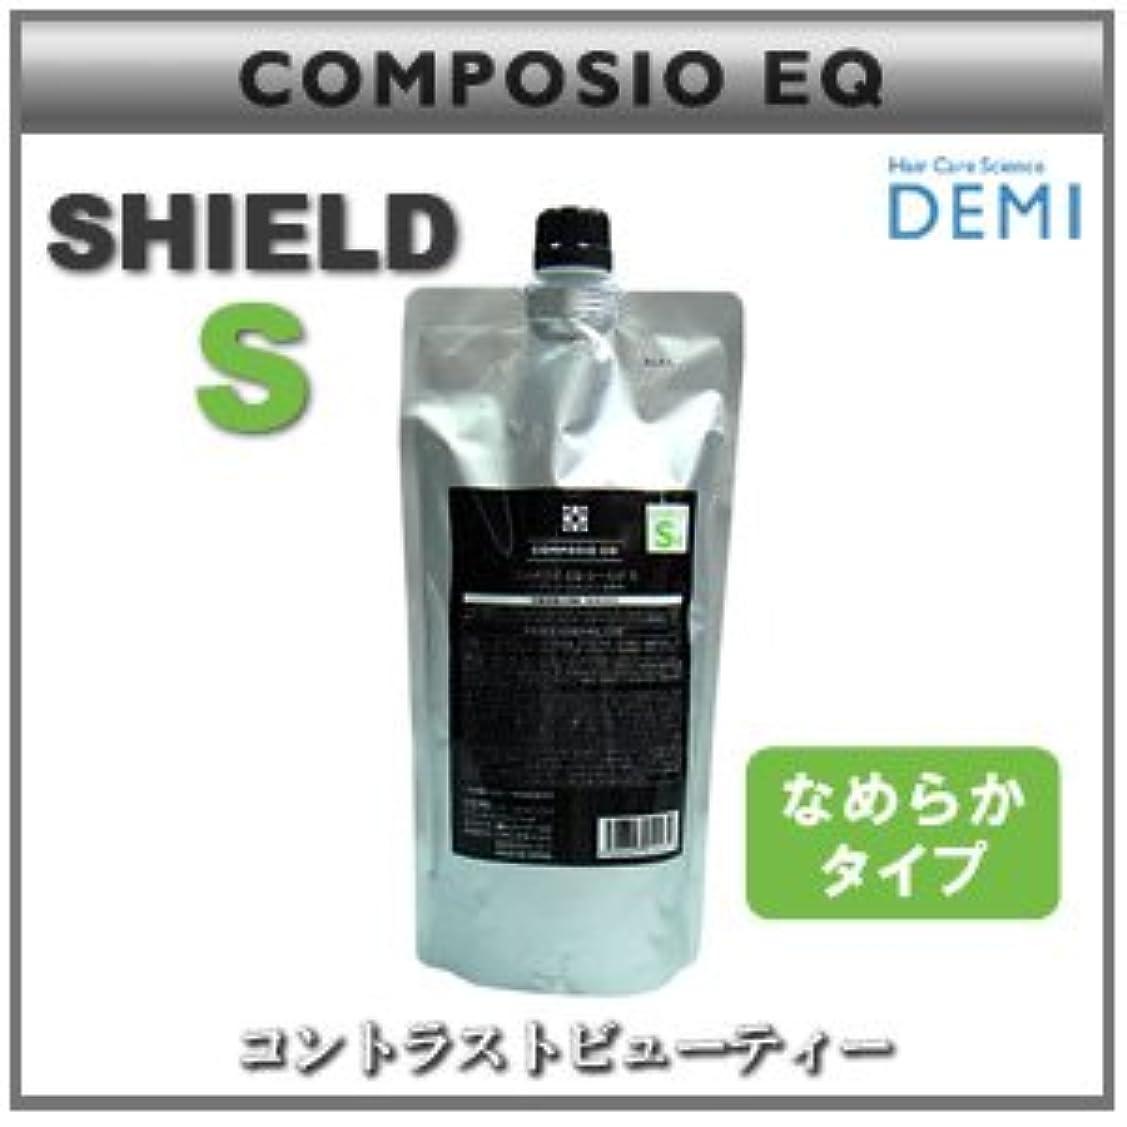 段階断言するコークス【X2個セット】 デミ コンポジオ EQ シールド S 450g